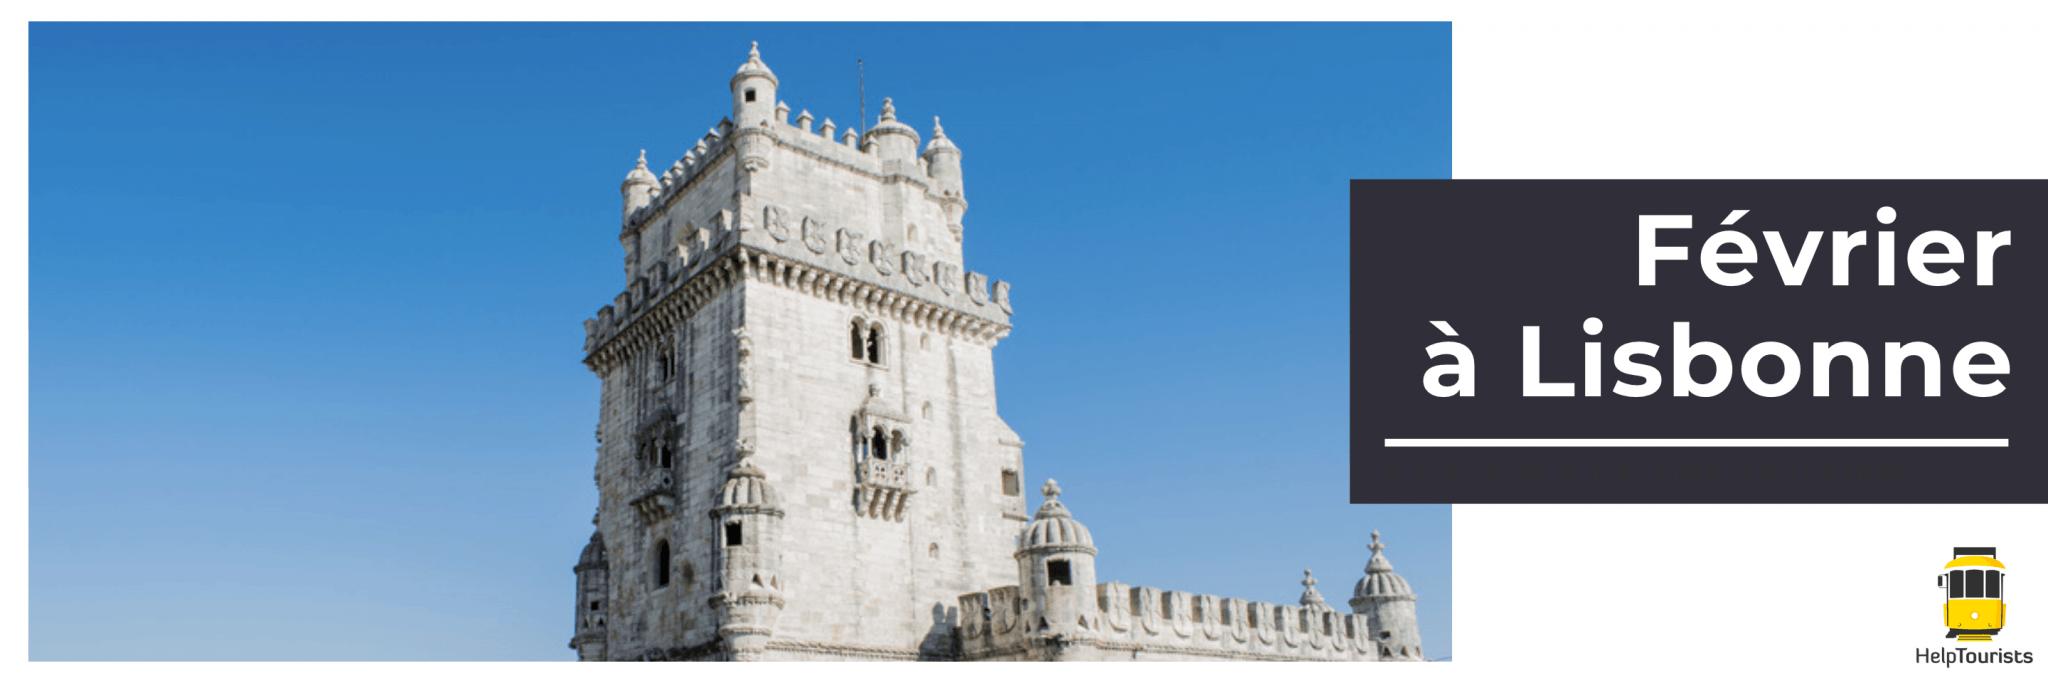 Février à Lisbonne